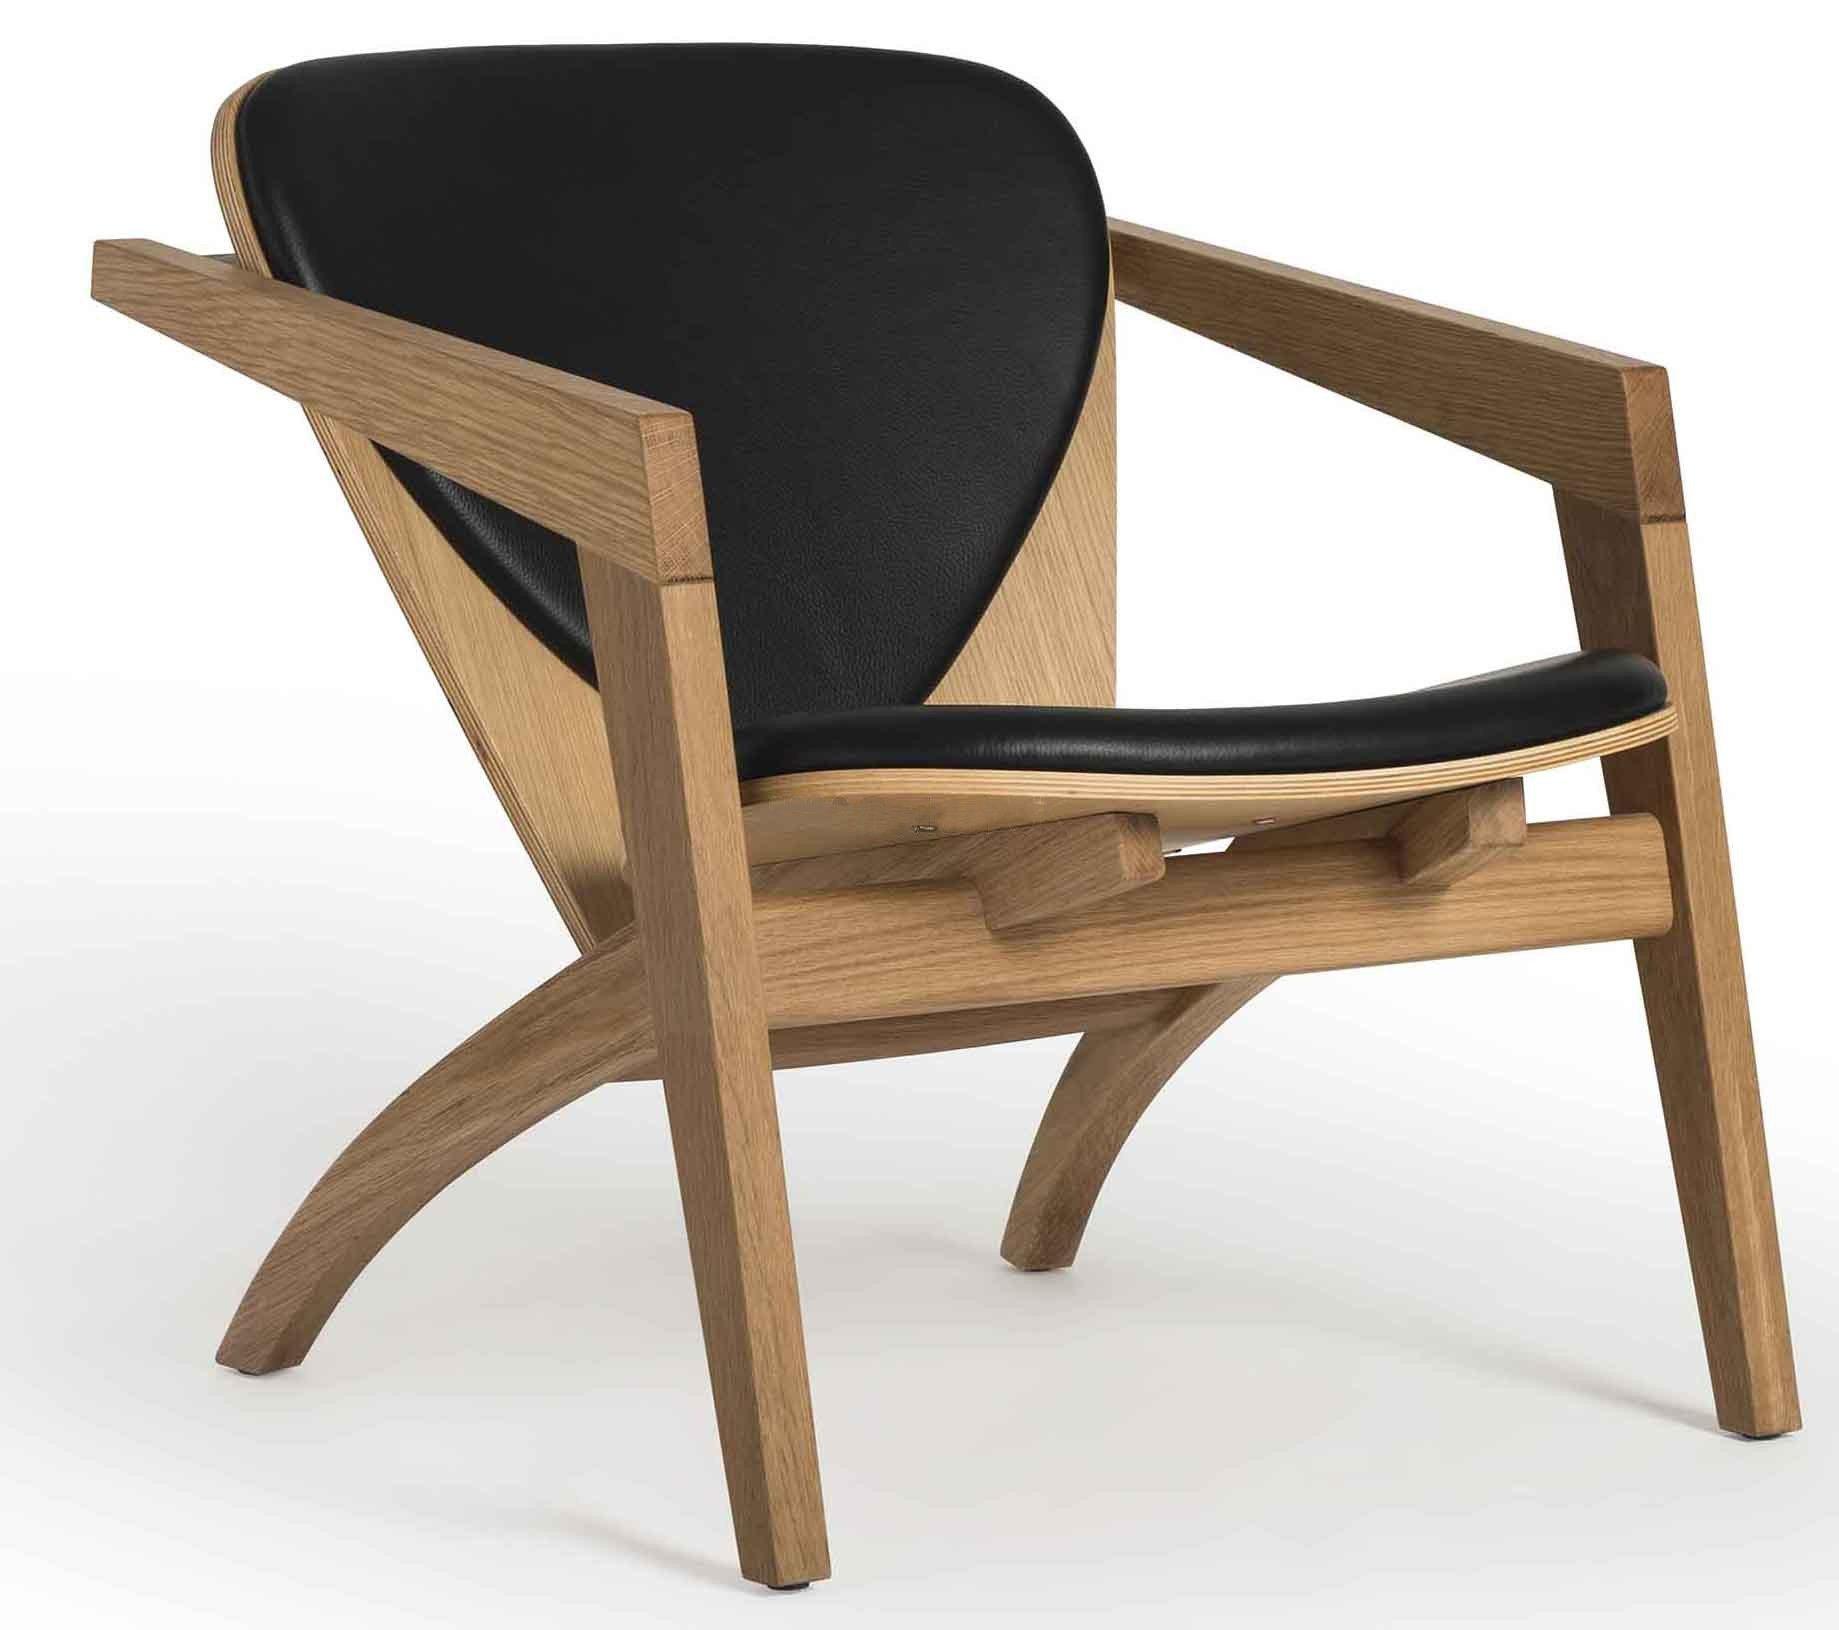 Butterfly chair en cuero hans wegner mad for modern - Butaca butterfly ...